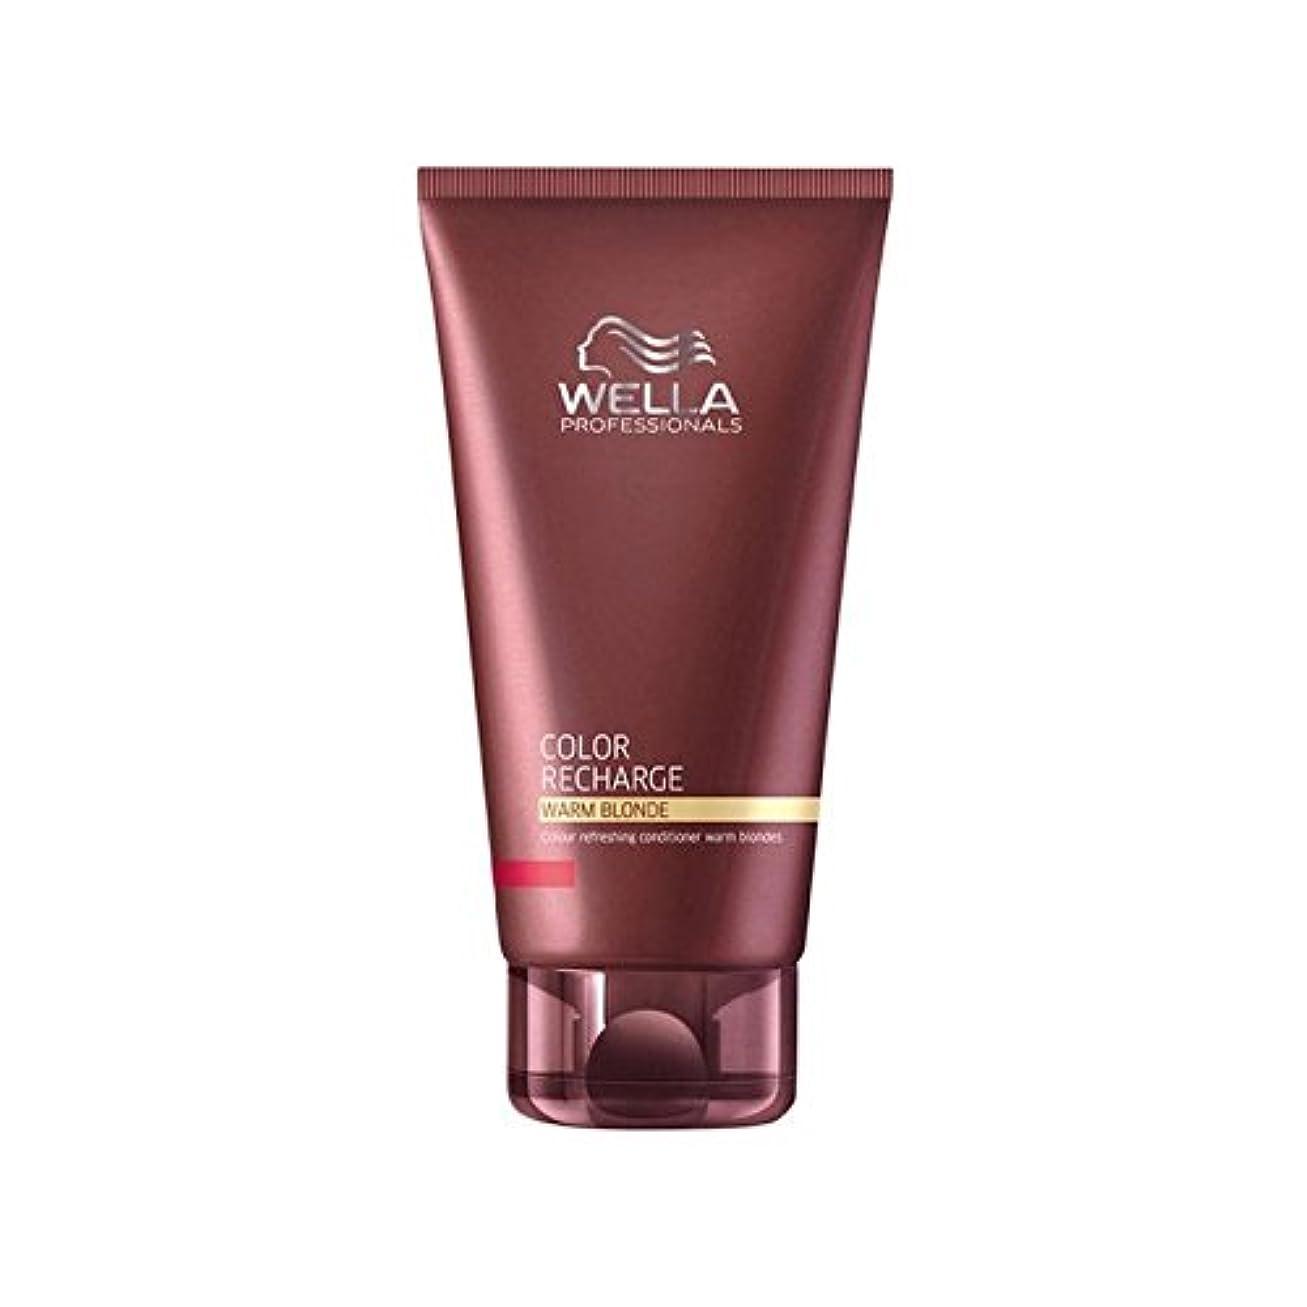 に対処する終わらせる傷つけるウエラ専門家のカラー再充電コンディショナー暖かいブロンド(200ミリリットル) x4 - Wella Professionals Color Recharge Conditioner Warm Blonde (200ml...